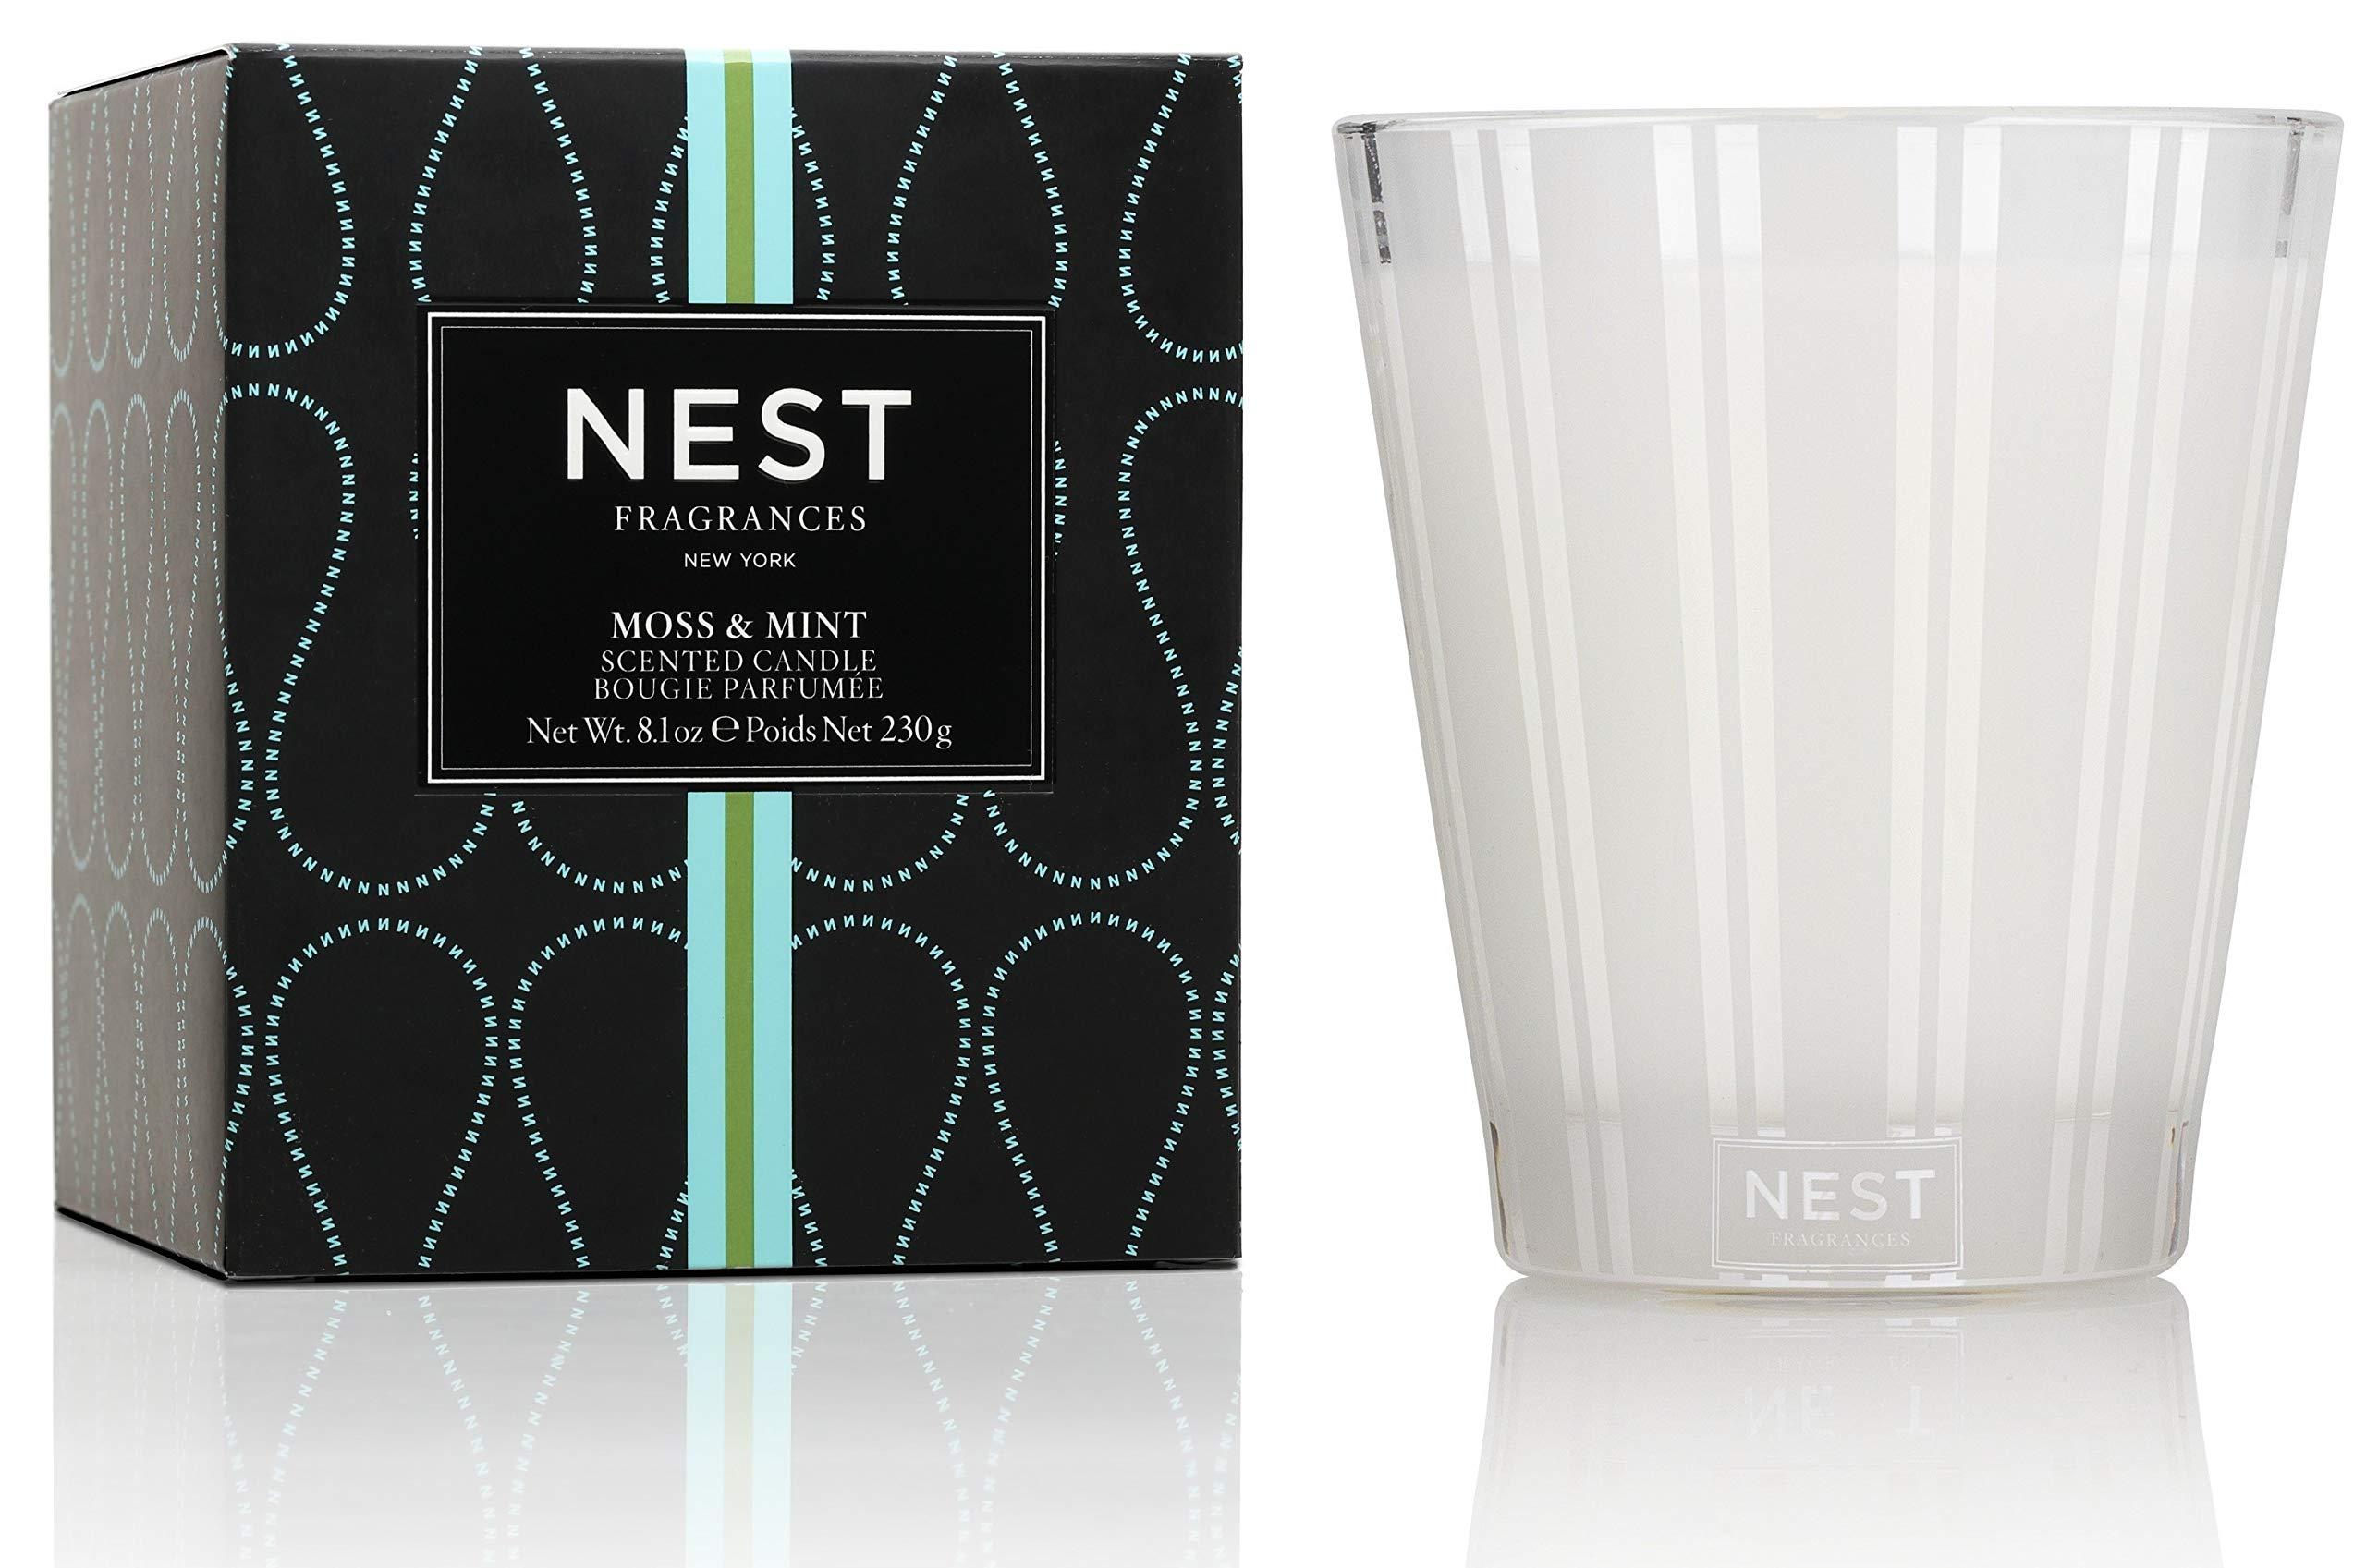 NEST Fragrances Classic Candle- Moss & Mint, 8.1 oz